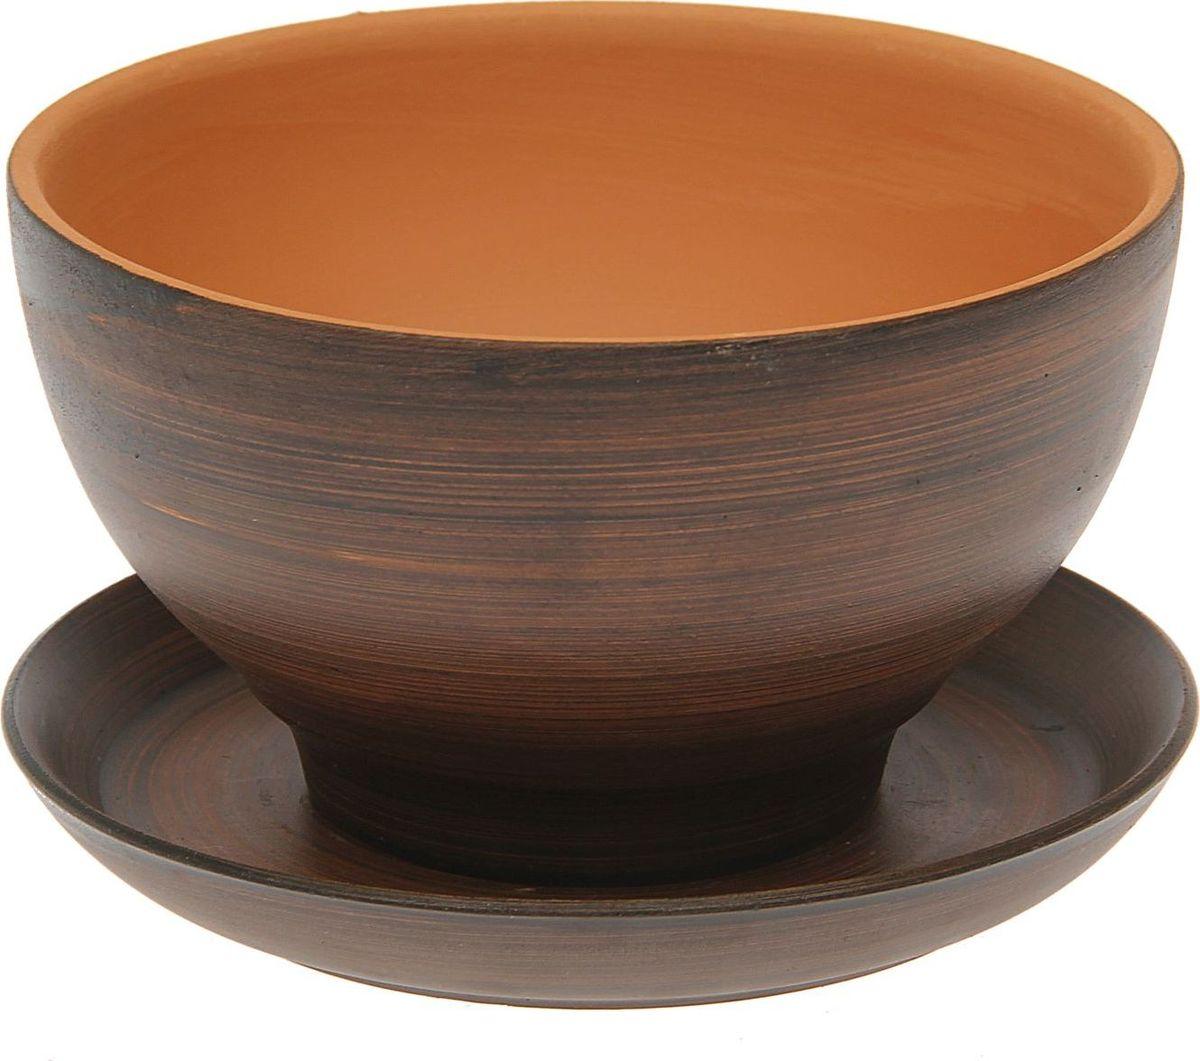 Кашпо Керамика ручной работы Фиалка, цвет: красная глина, 0,6 л1454662Комнатные растения — всеобщие любимцы. Они радуют глаз, насыщают помещение кислородом и украшают пространство. Каждому из них необходим свой удобный и красивый дом. Кашпо из керамики прекрасно подходят для высадки растений: за счёт пластичности глины и разных способов обработки существует великое множество форм и дизайновпористый материал позволяет испаряться лишней влагевоздух, необходимый для дыхания корней, проникает сквозь керамические стенки! #name# позаботится о зелёном питомце, освежит интерьер и подчеркнёт его стиль.